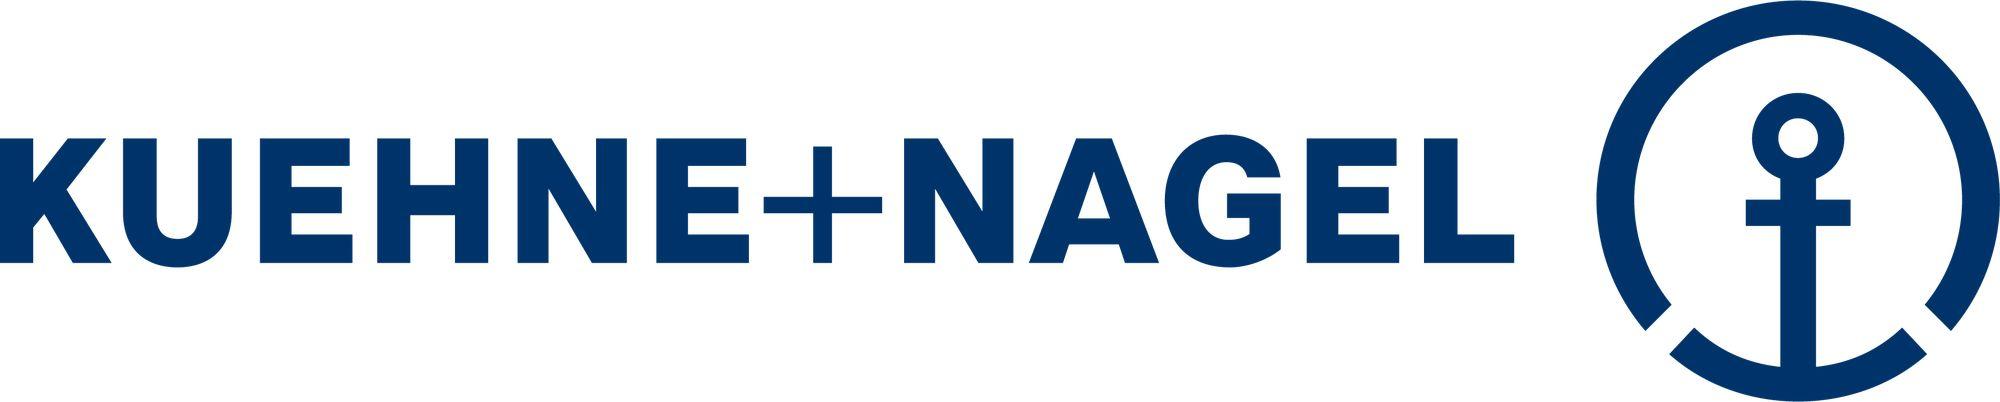 Kuehne+Nagel d.o.o-logo